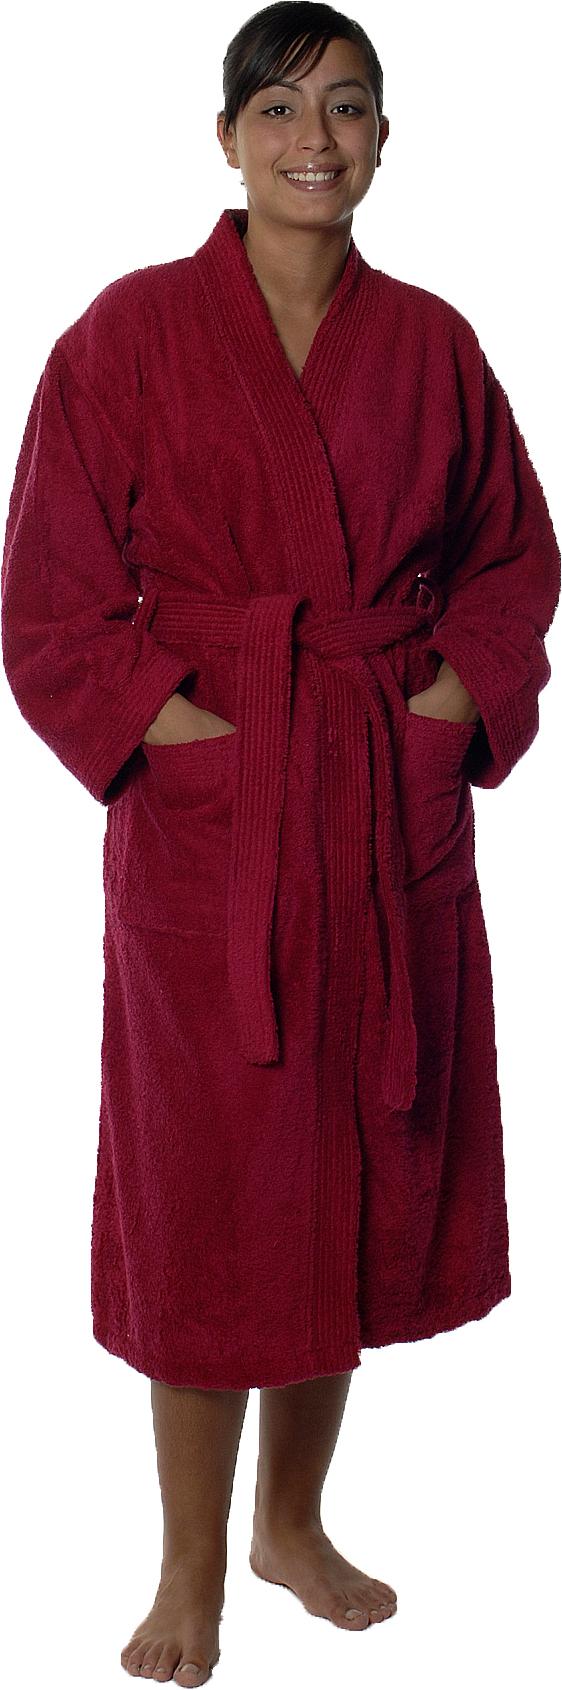 Peignoir col kimono en Coton couleur Fushia Taille M (FUSHIA)